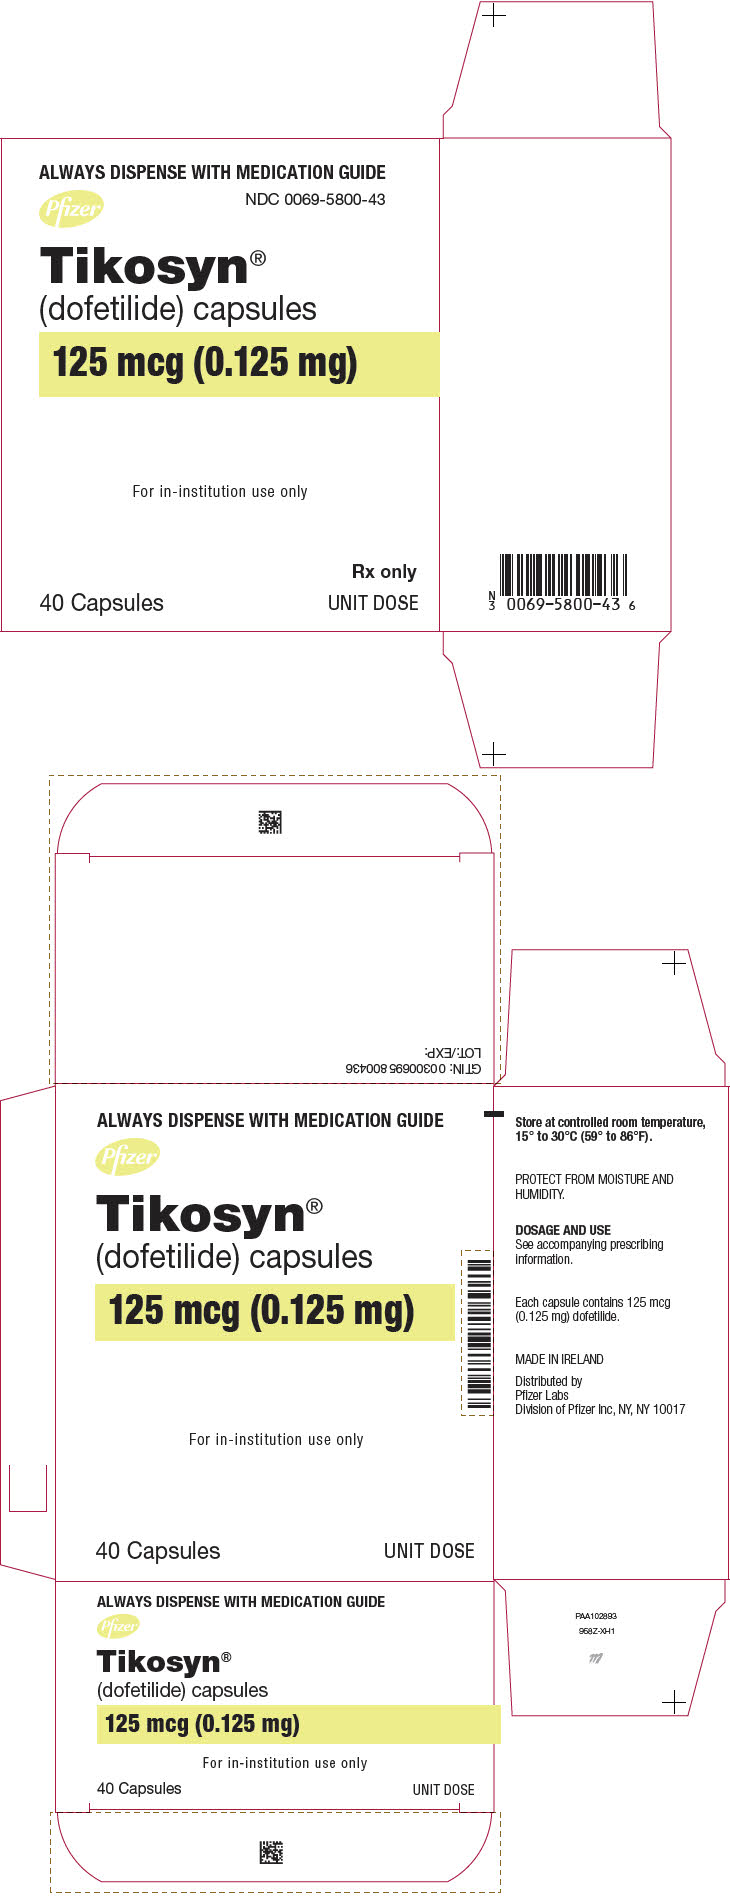 PRINCIPAL DISPLAY PANEL - 0.125 mg Capsule Blister Pack Carton